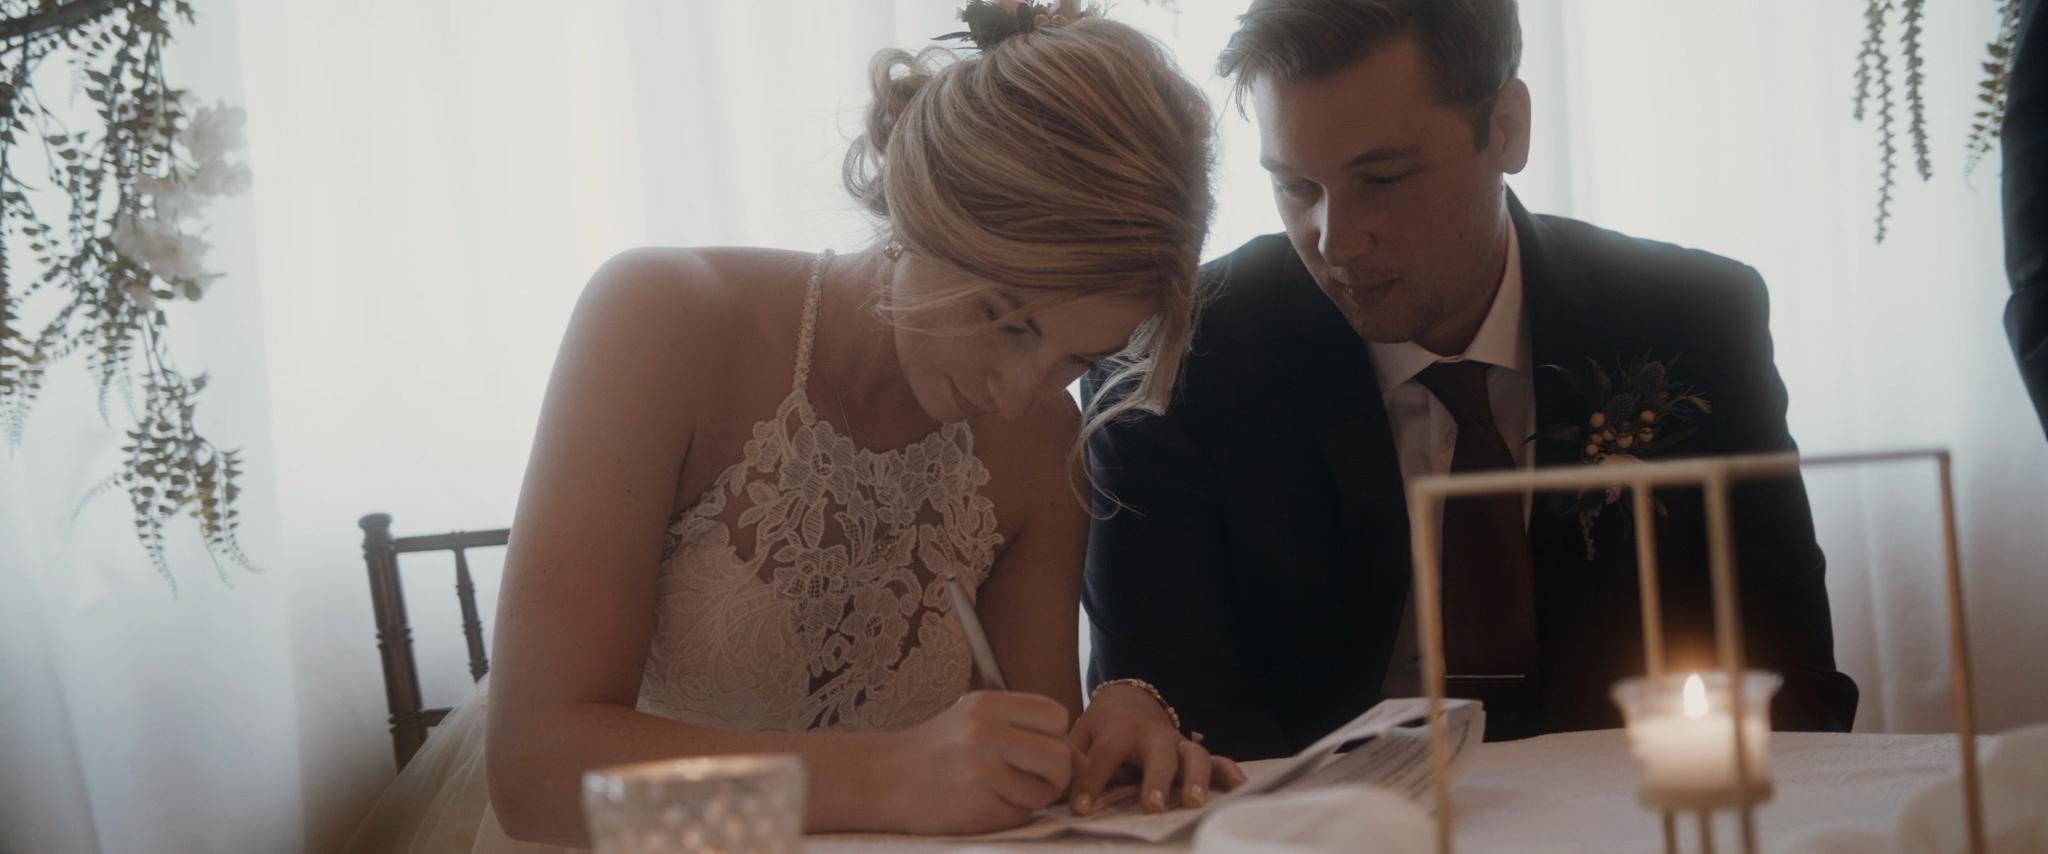 HAVENS_Wedding_Film.00_05_52_18.Still062.jpg